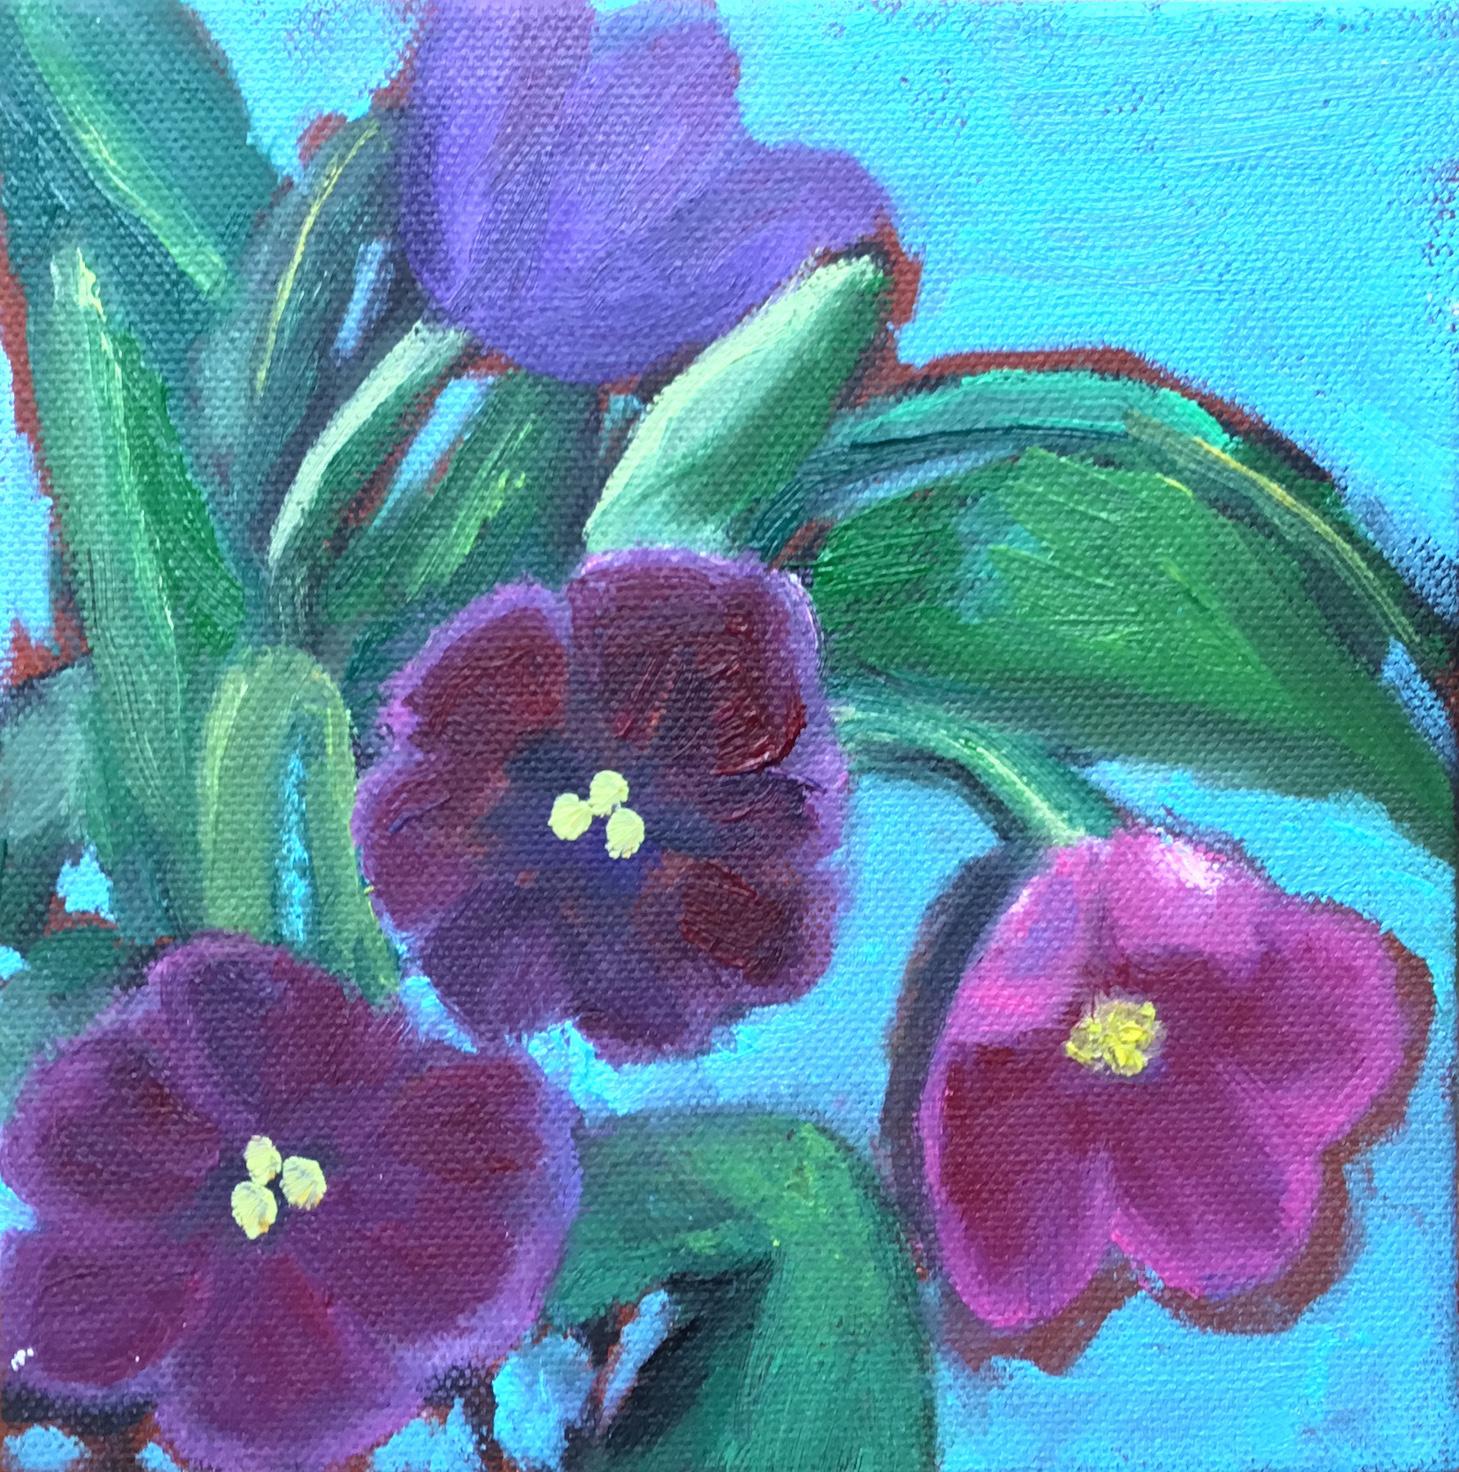 Tulip Study No. 2 - Dolores Bartholomew